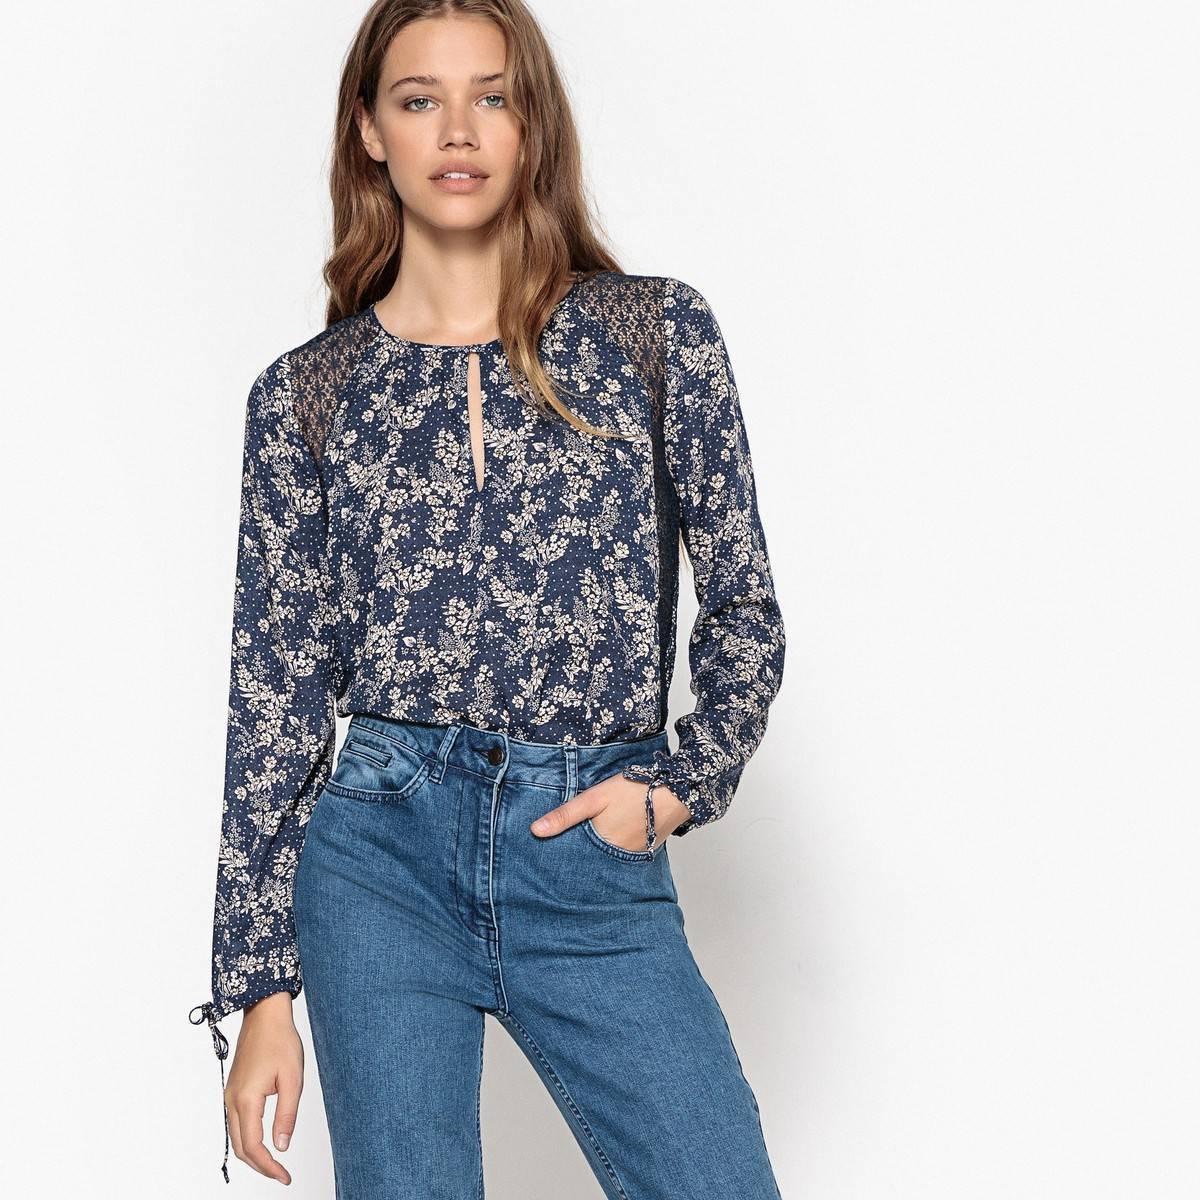 довольна качеством блузки под джинсы фото многие пользователи